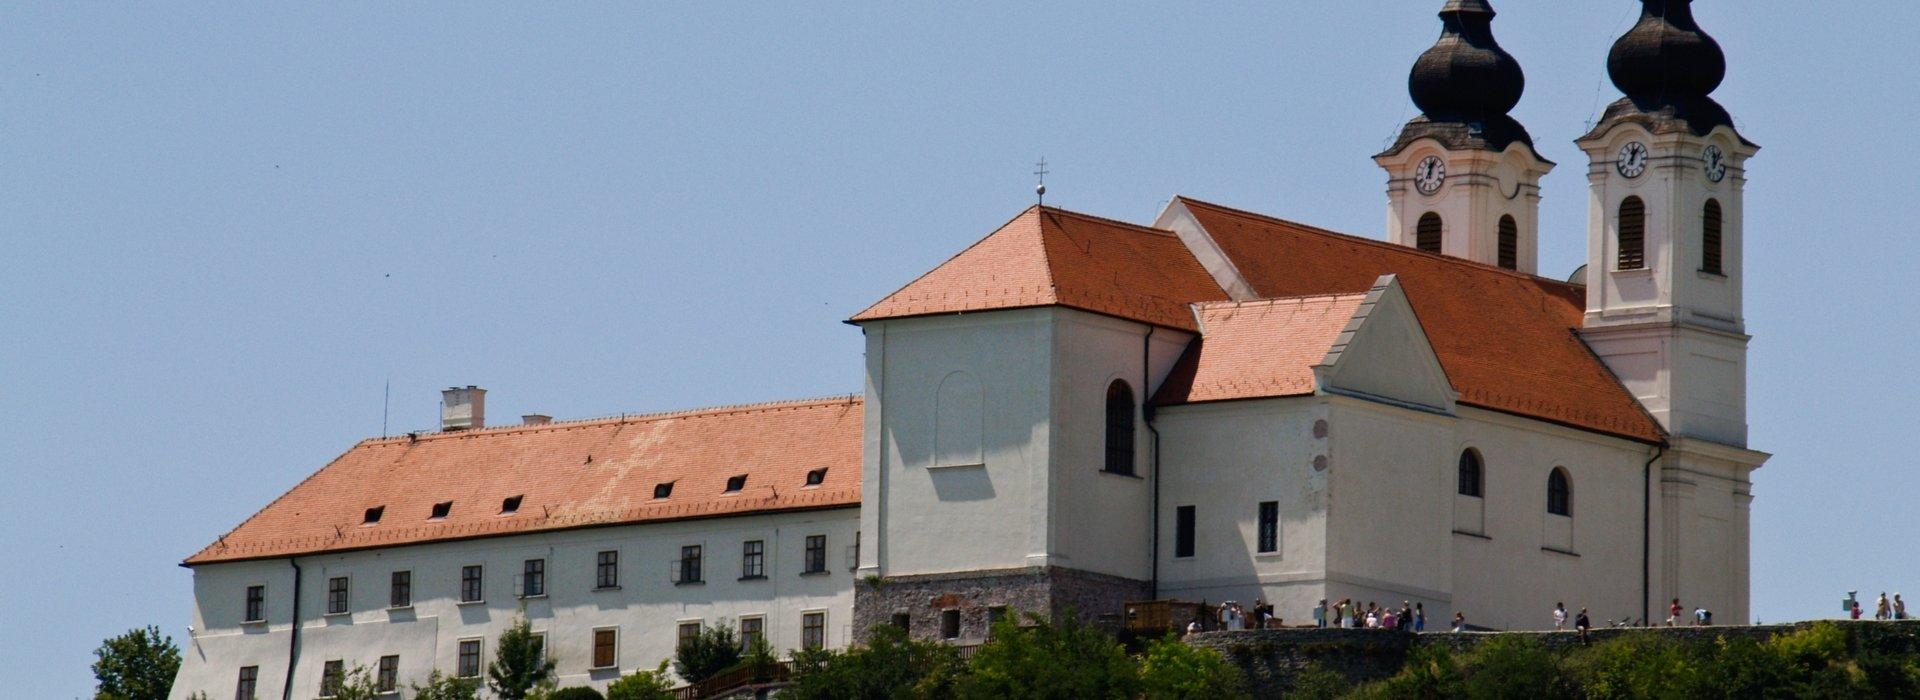 Múzeum, galéria